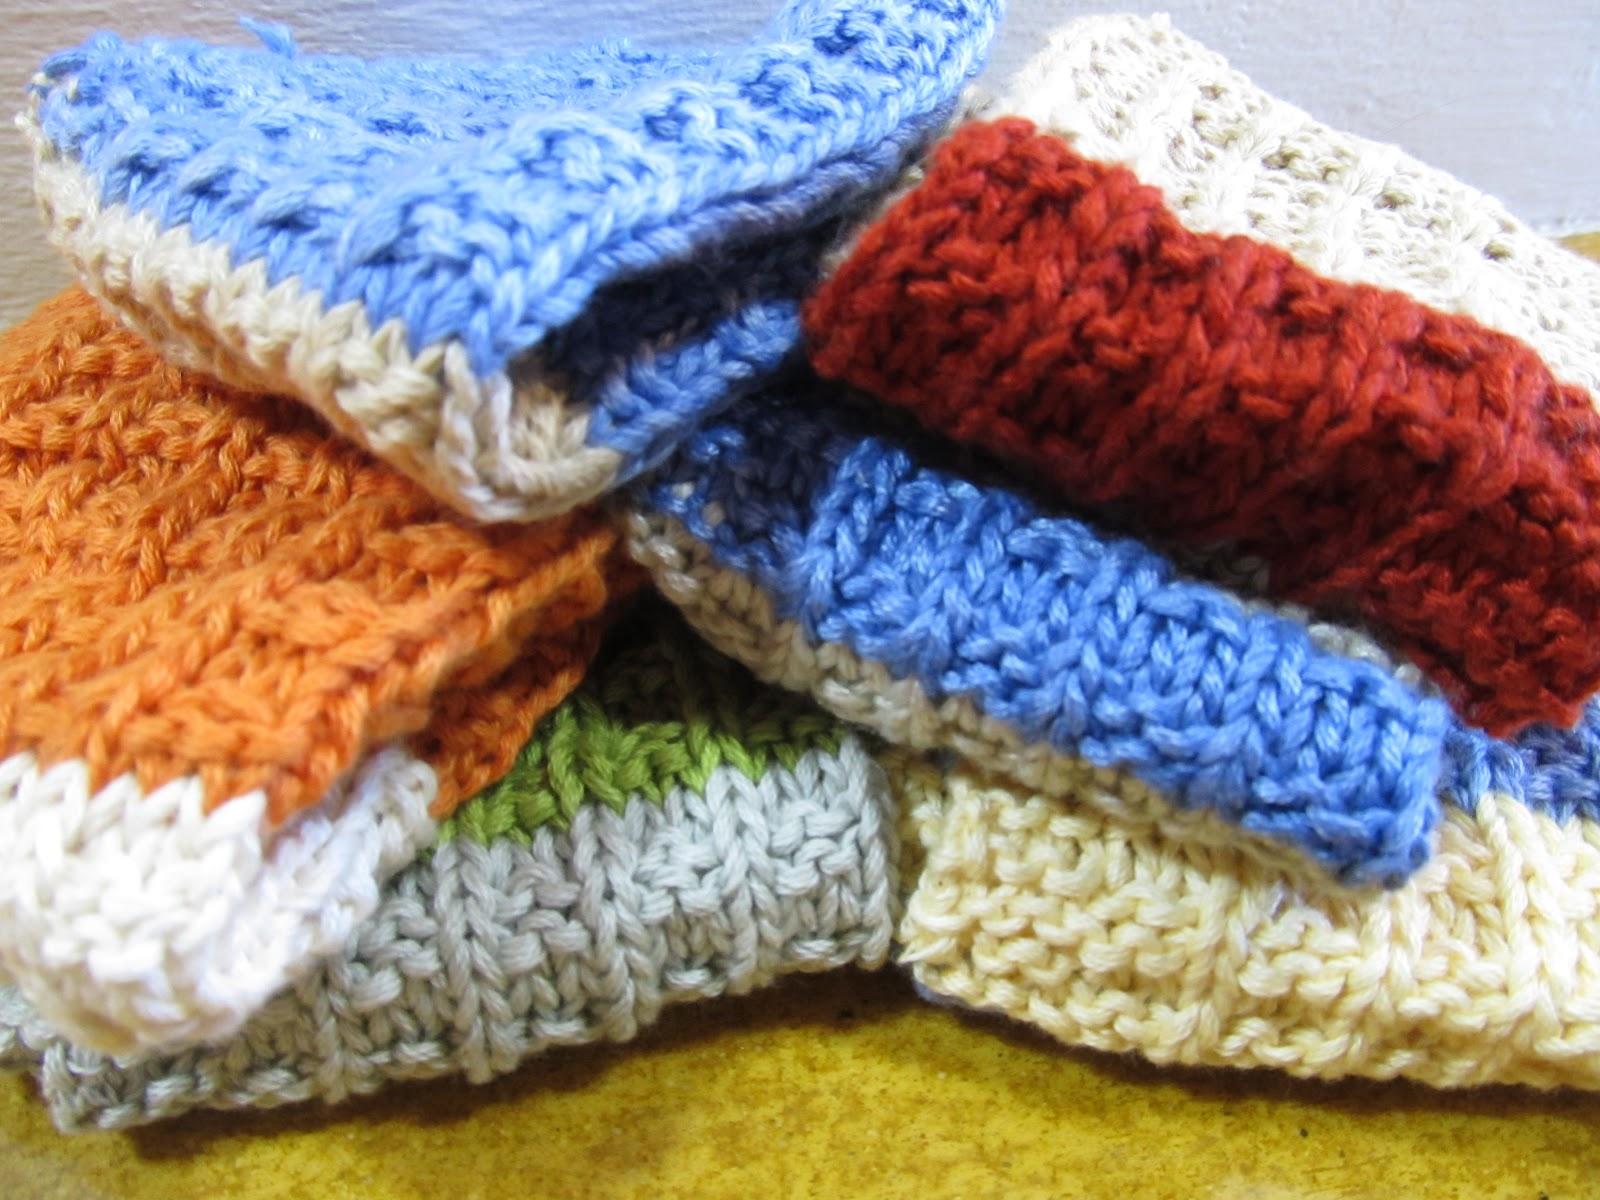 Waffle Knitting Pattern Dishcloth : arthurandsage: Knitting - Waffle weave dishcloths